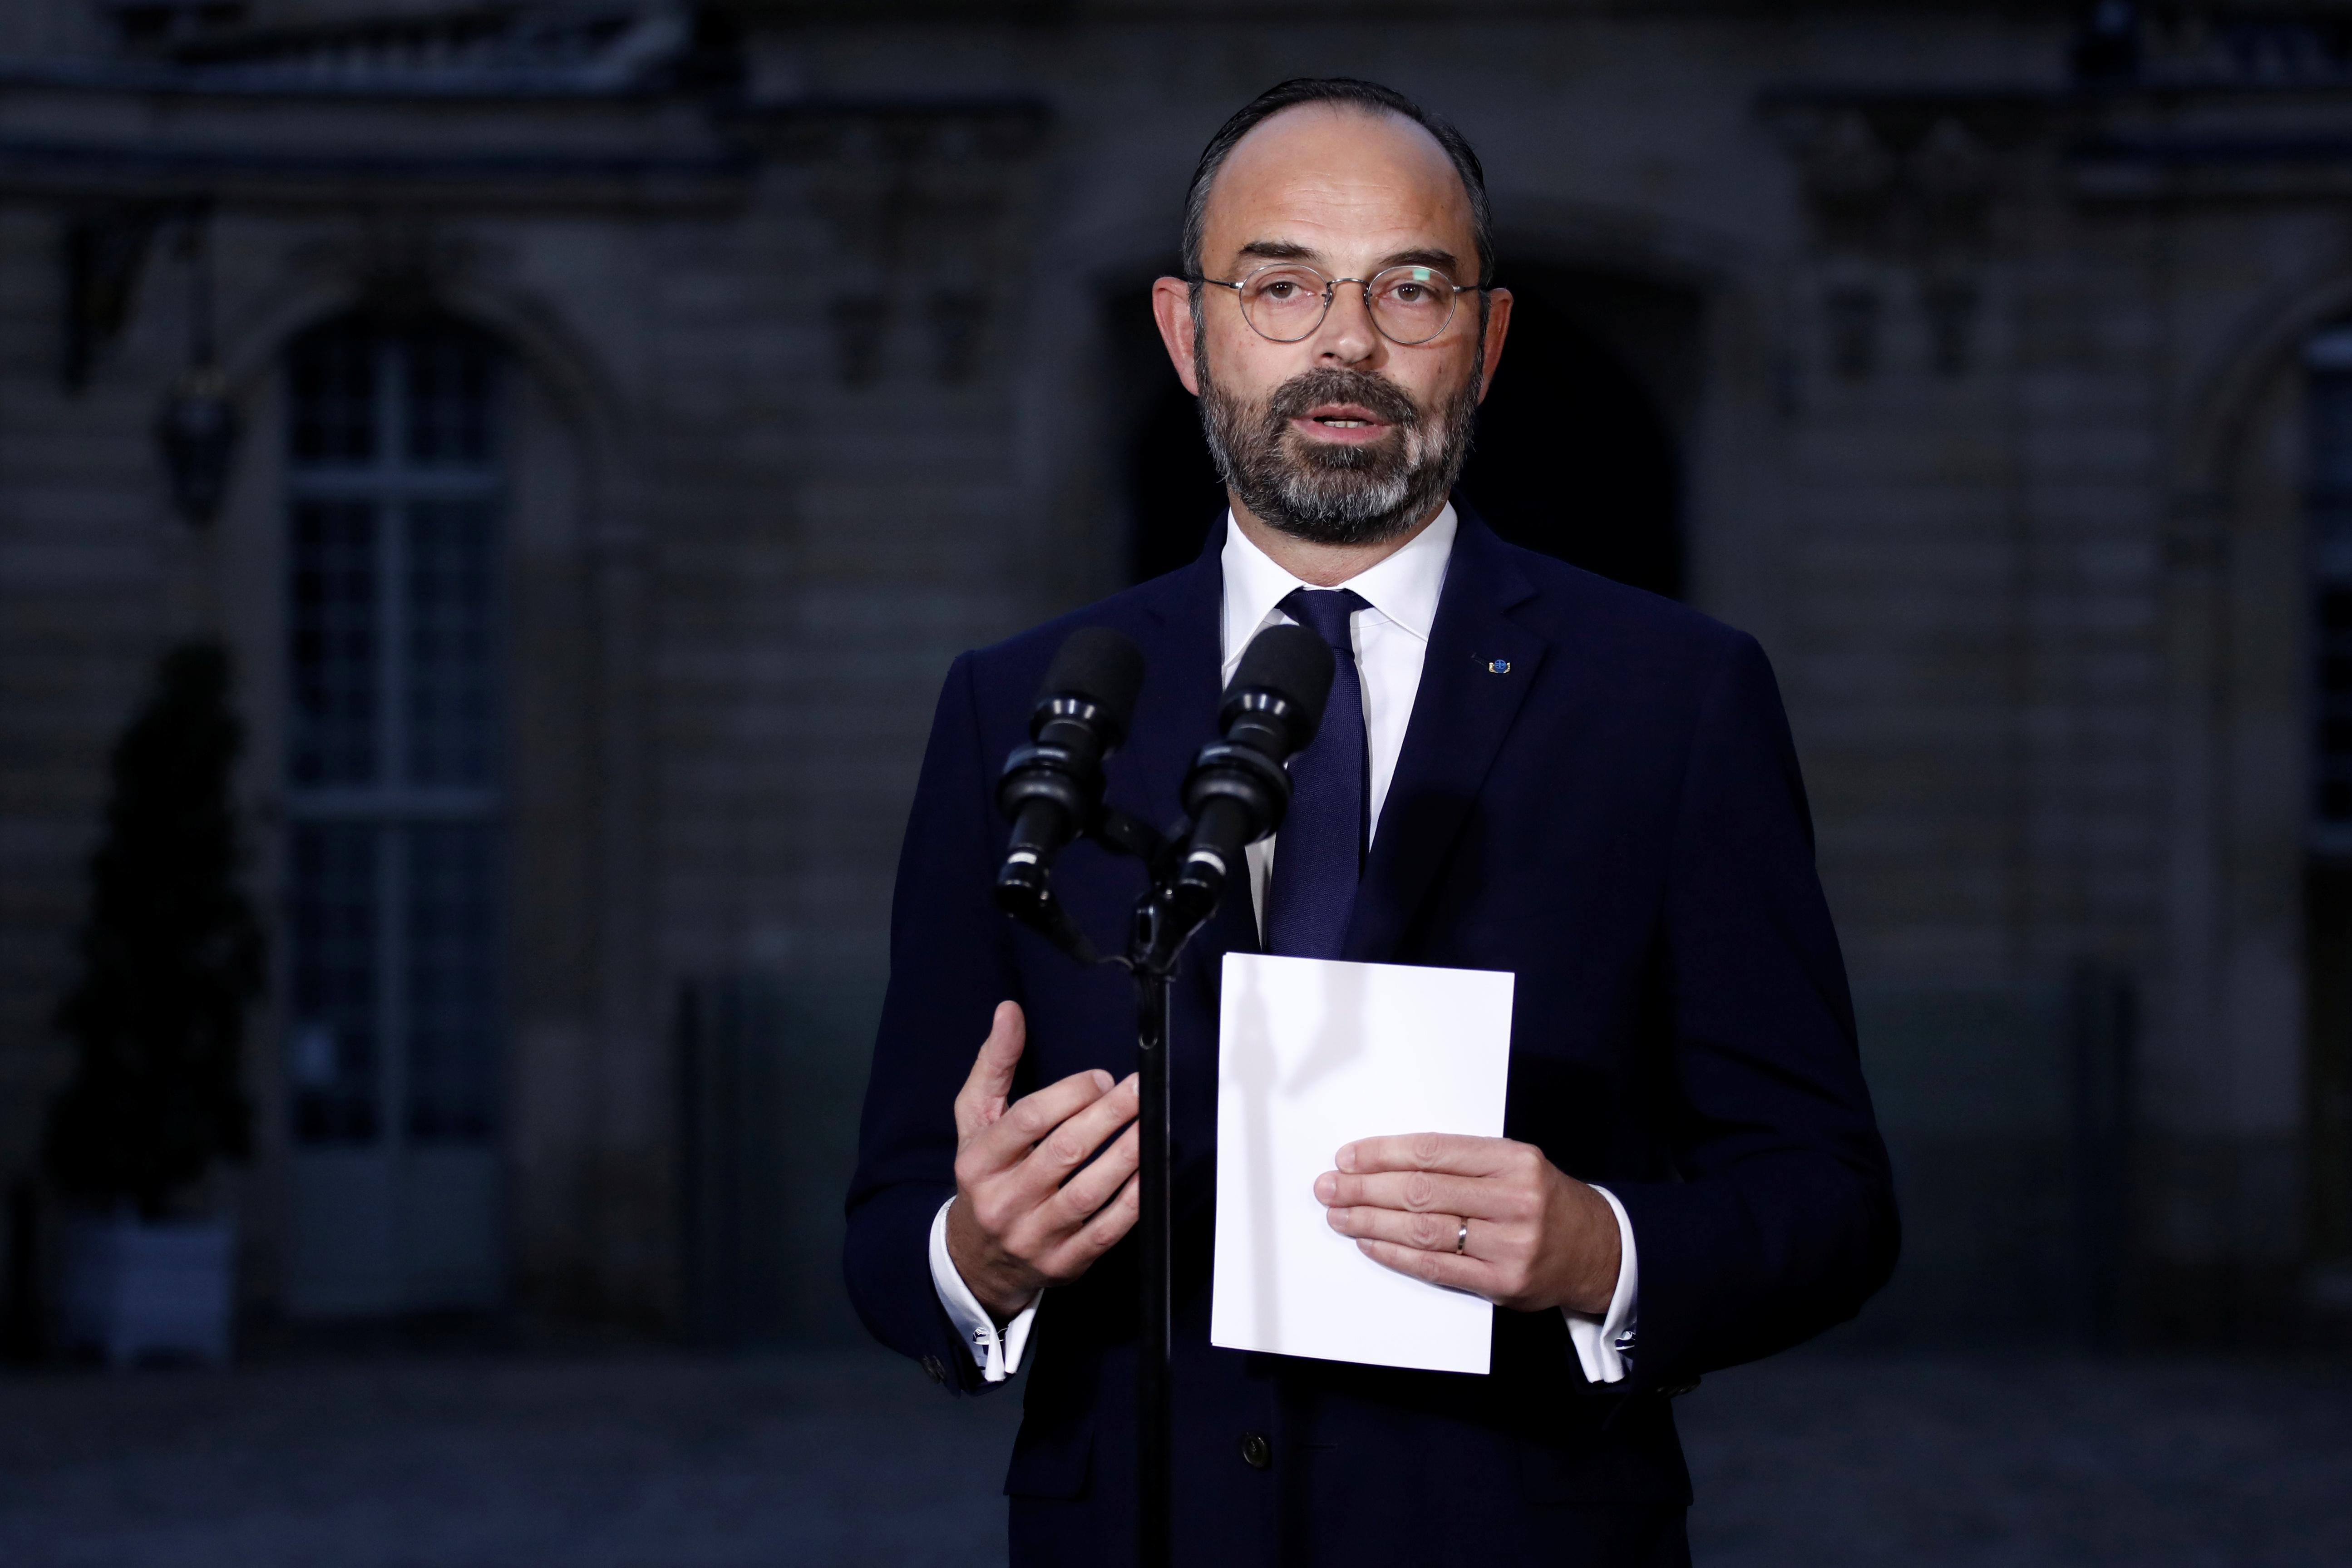 Alors que les syndicats tournent les vis, le Premier ministre français déclare que la réforme des retraites est inévitable